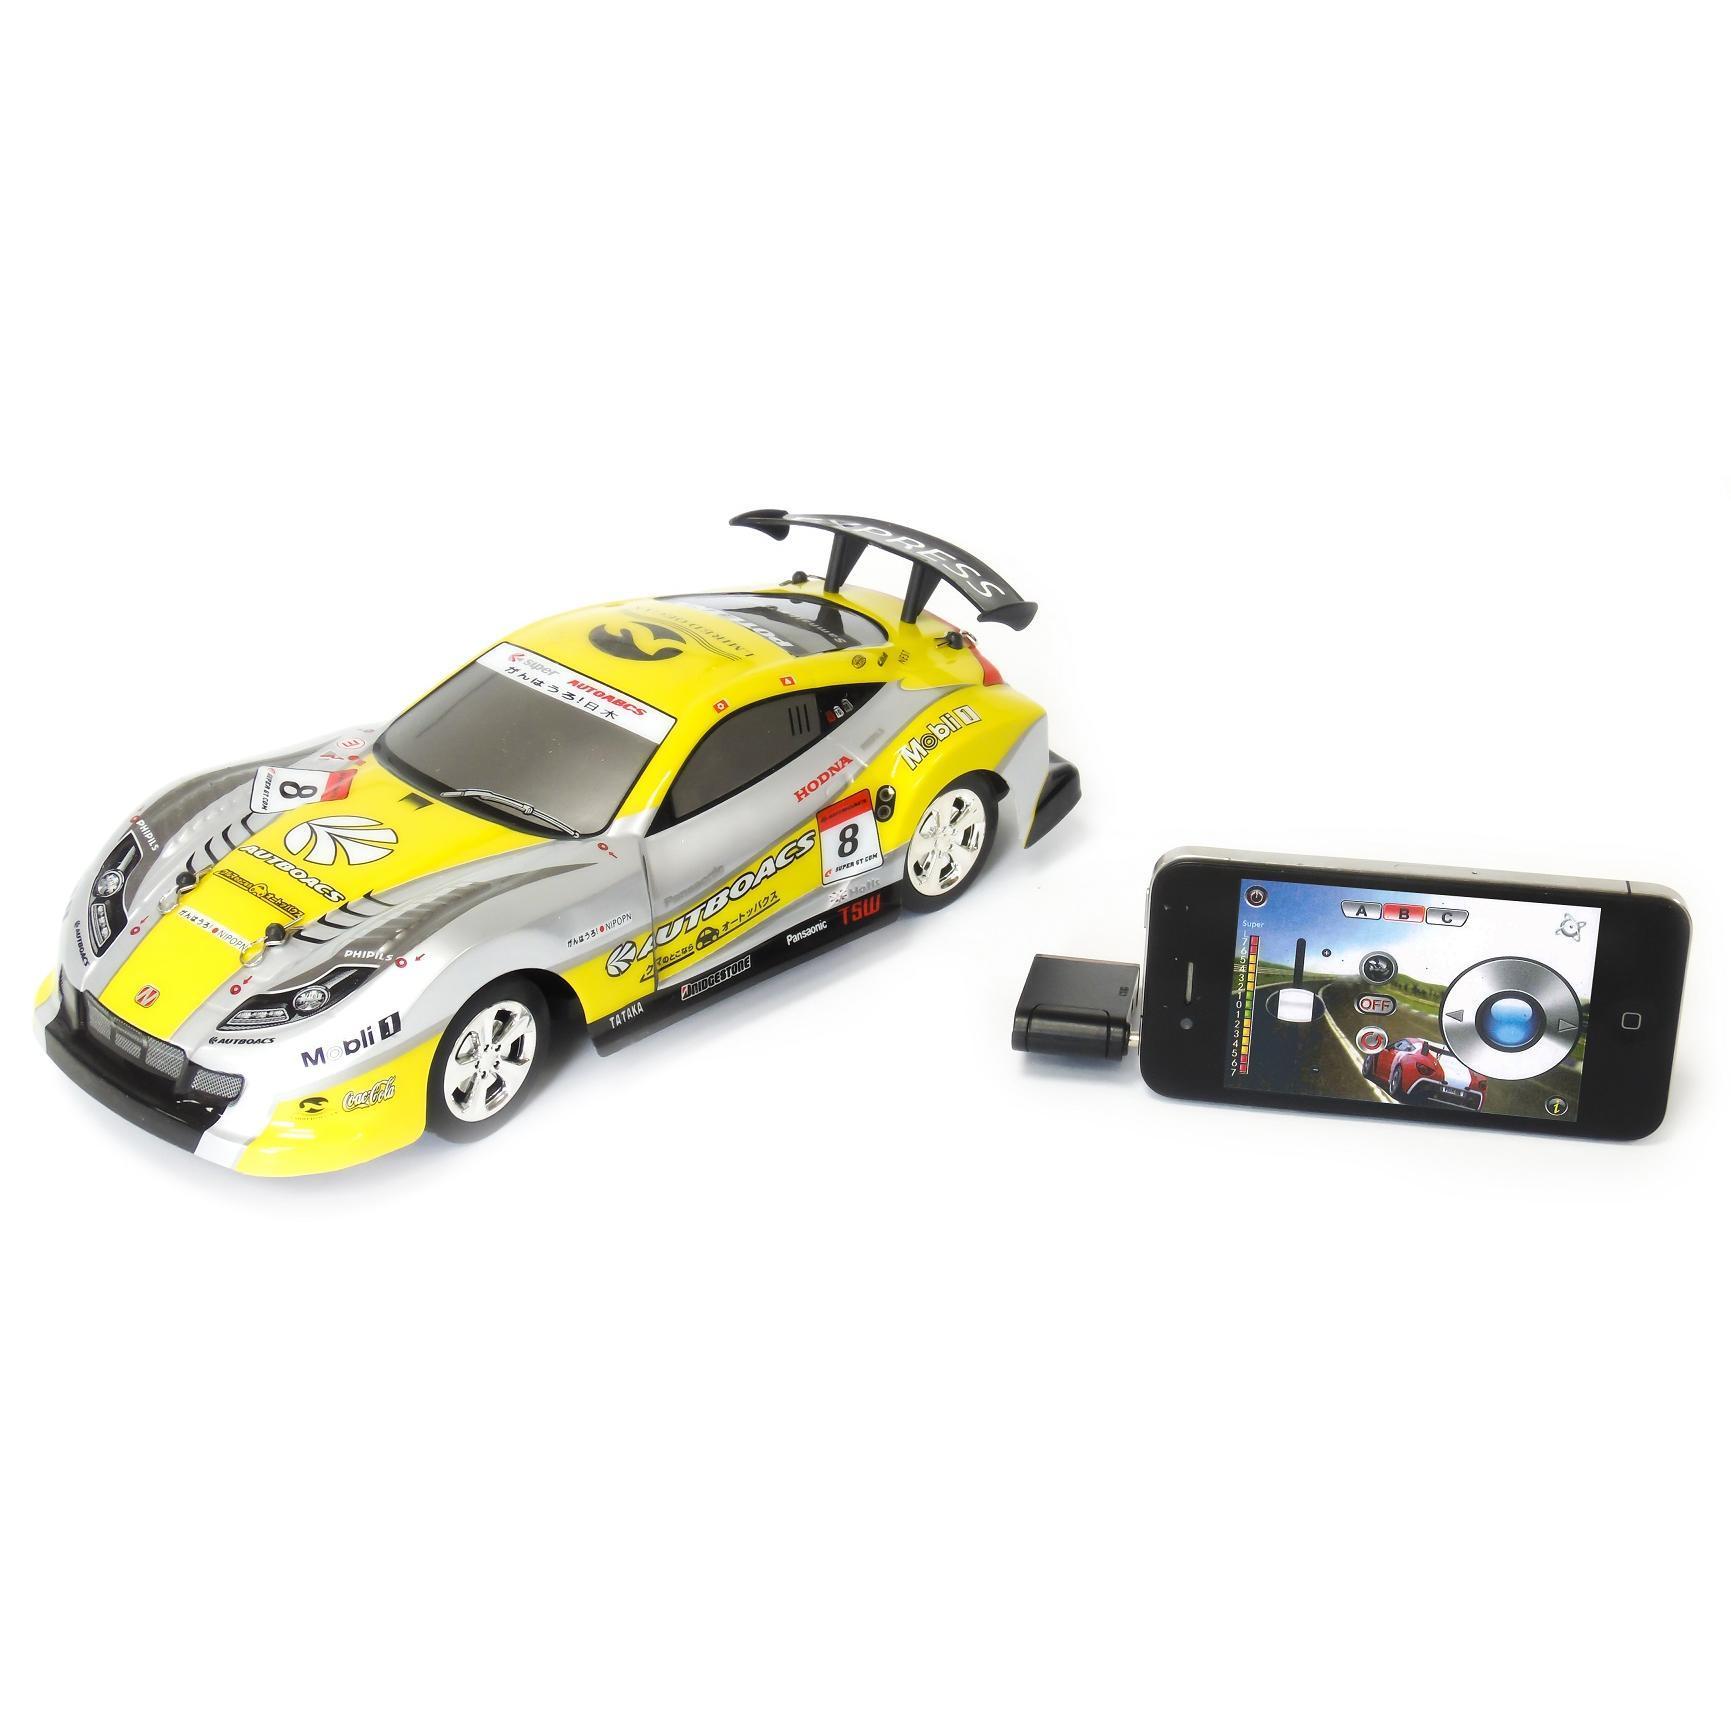 Voiture Jaune télécommandée pour appareils Apple et Android - M-Racer